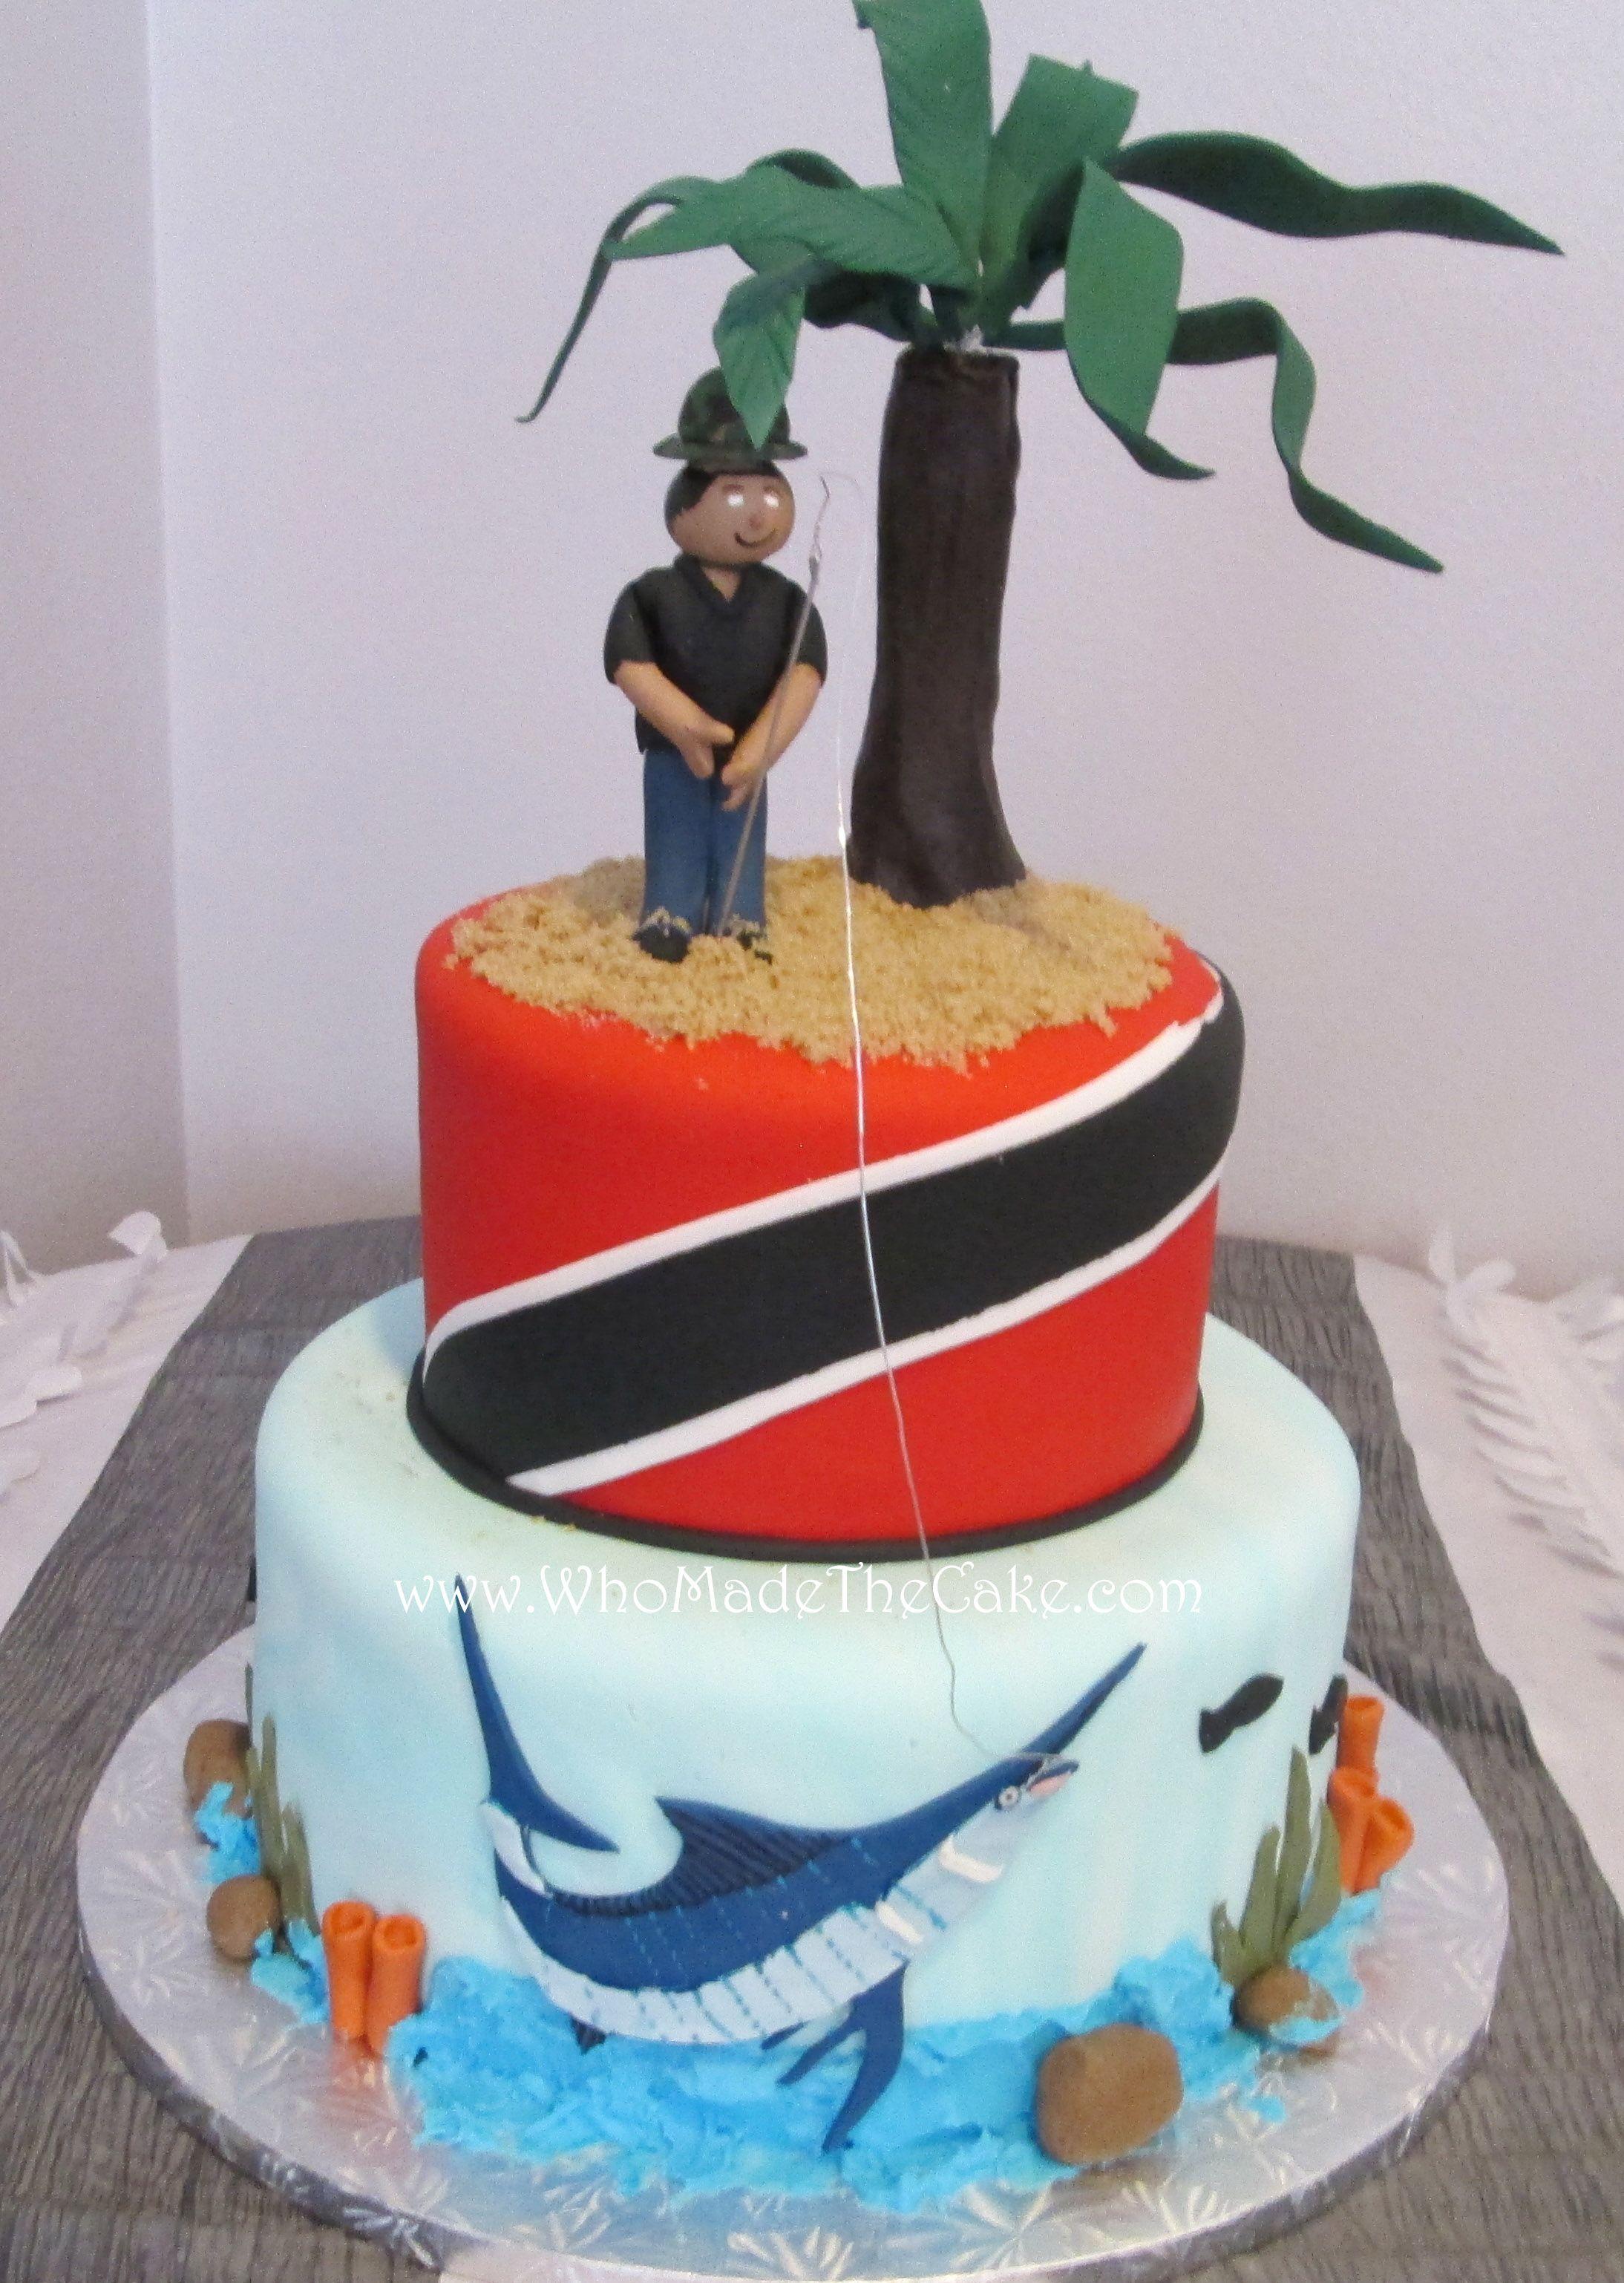 Trinidad Birthday Cakes Cake Recipe